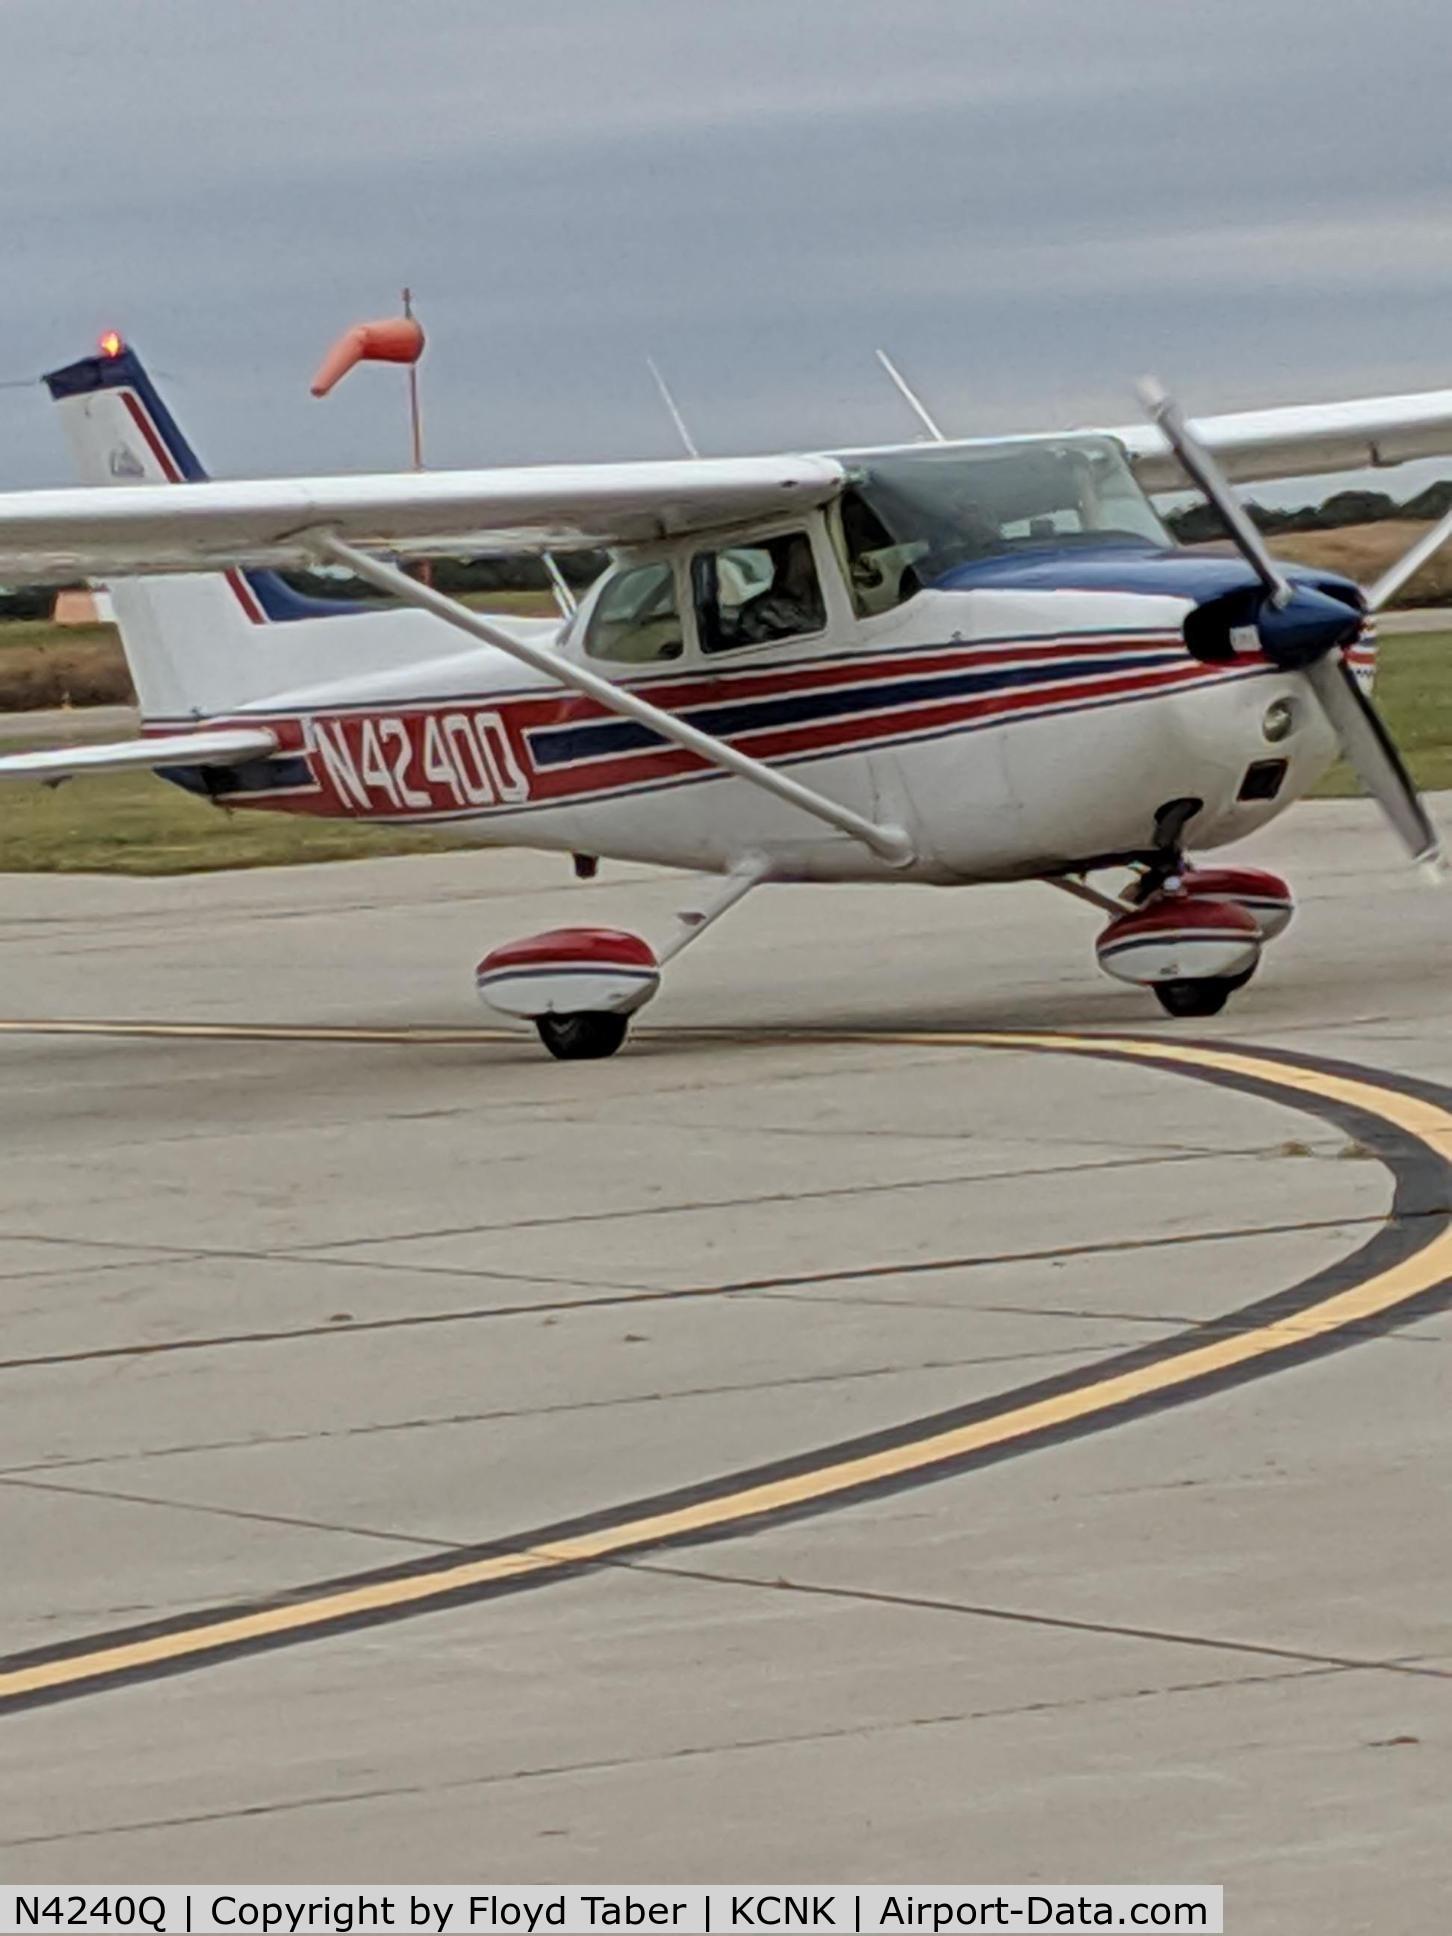 N4240Q, 1971 Cessna 172L Skyhawk C/N 17260140, Kansas Air Tour at Blosser Municipal Airport